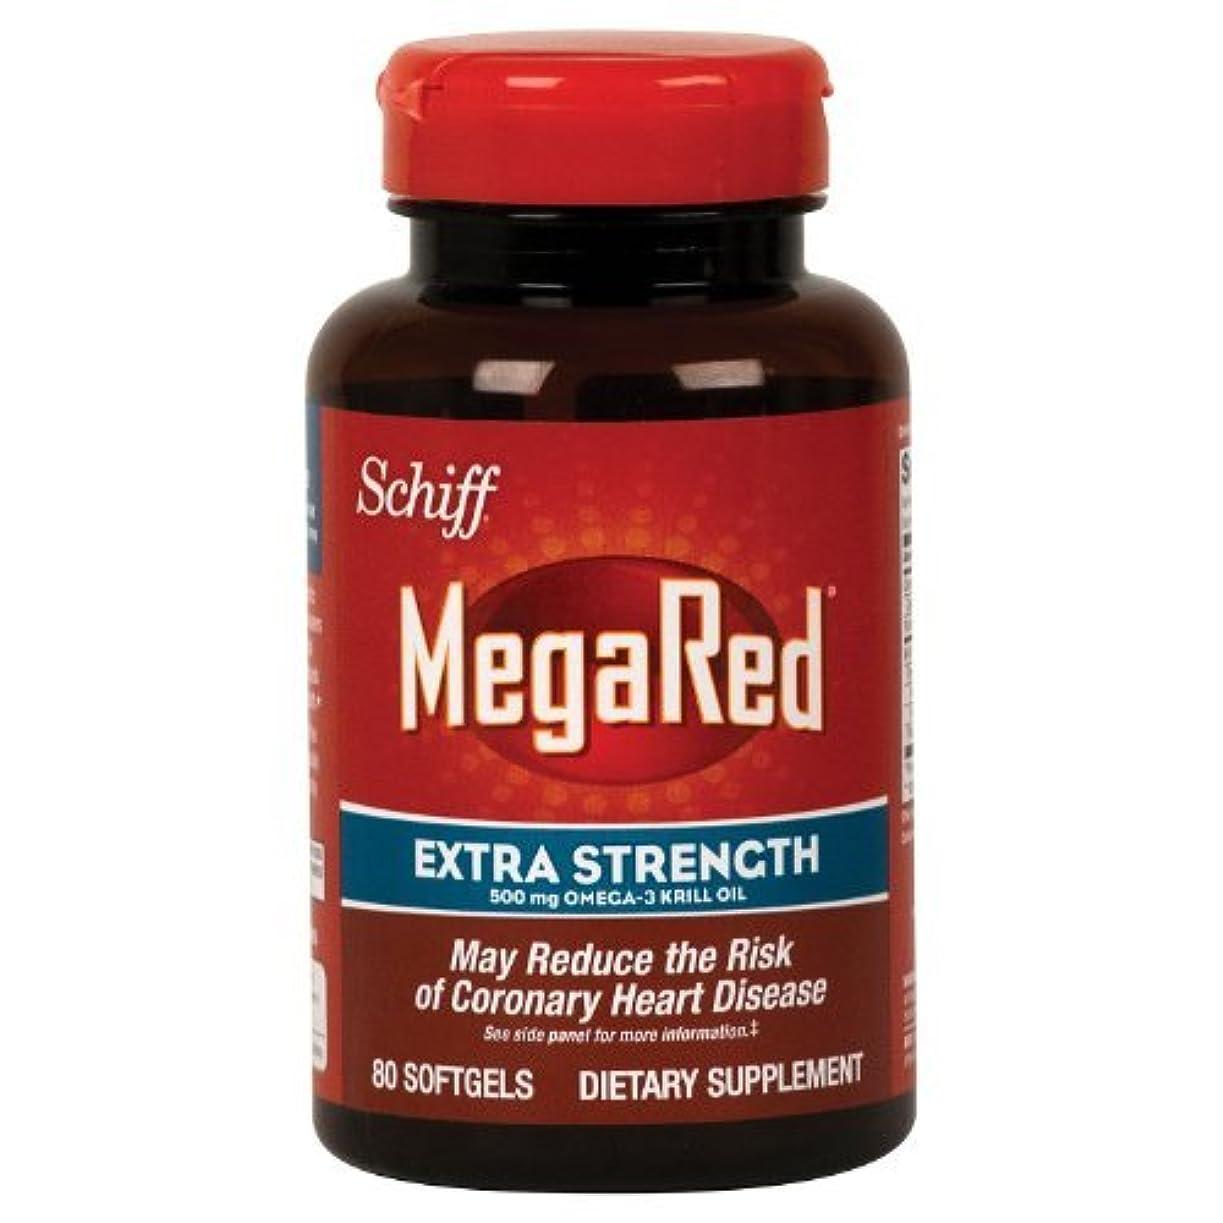 スキニーステップポップSchiff Megared Extra Strength 500mg Omega-3 Krill Oil - 80 Softgels by Simply Right [並行輸入品]